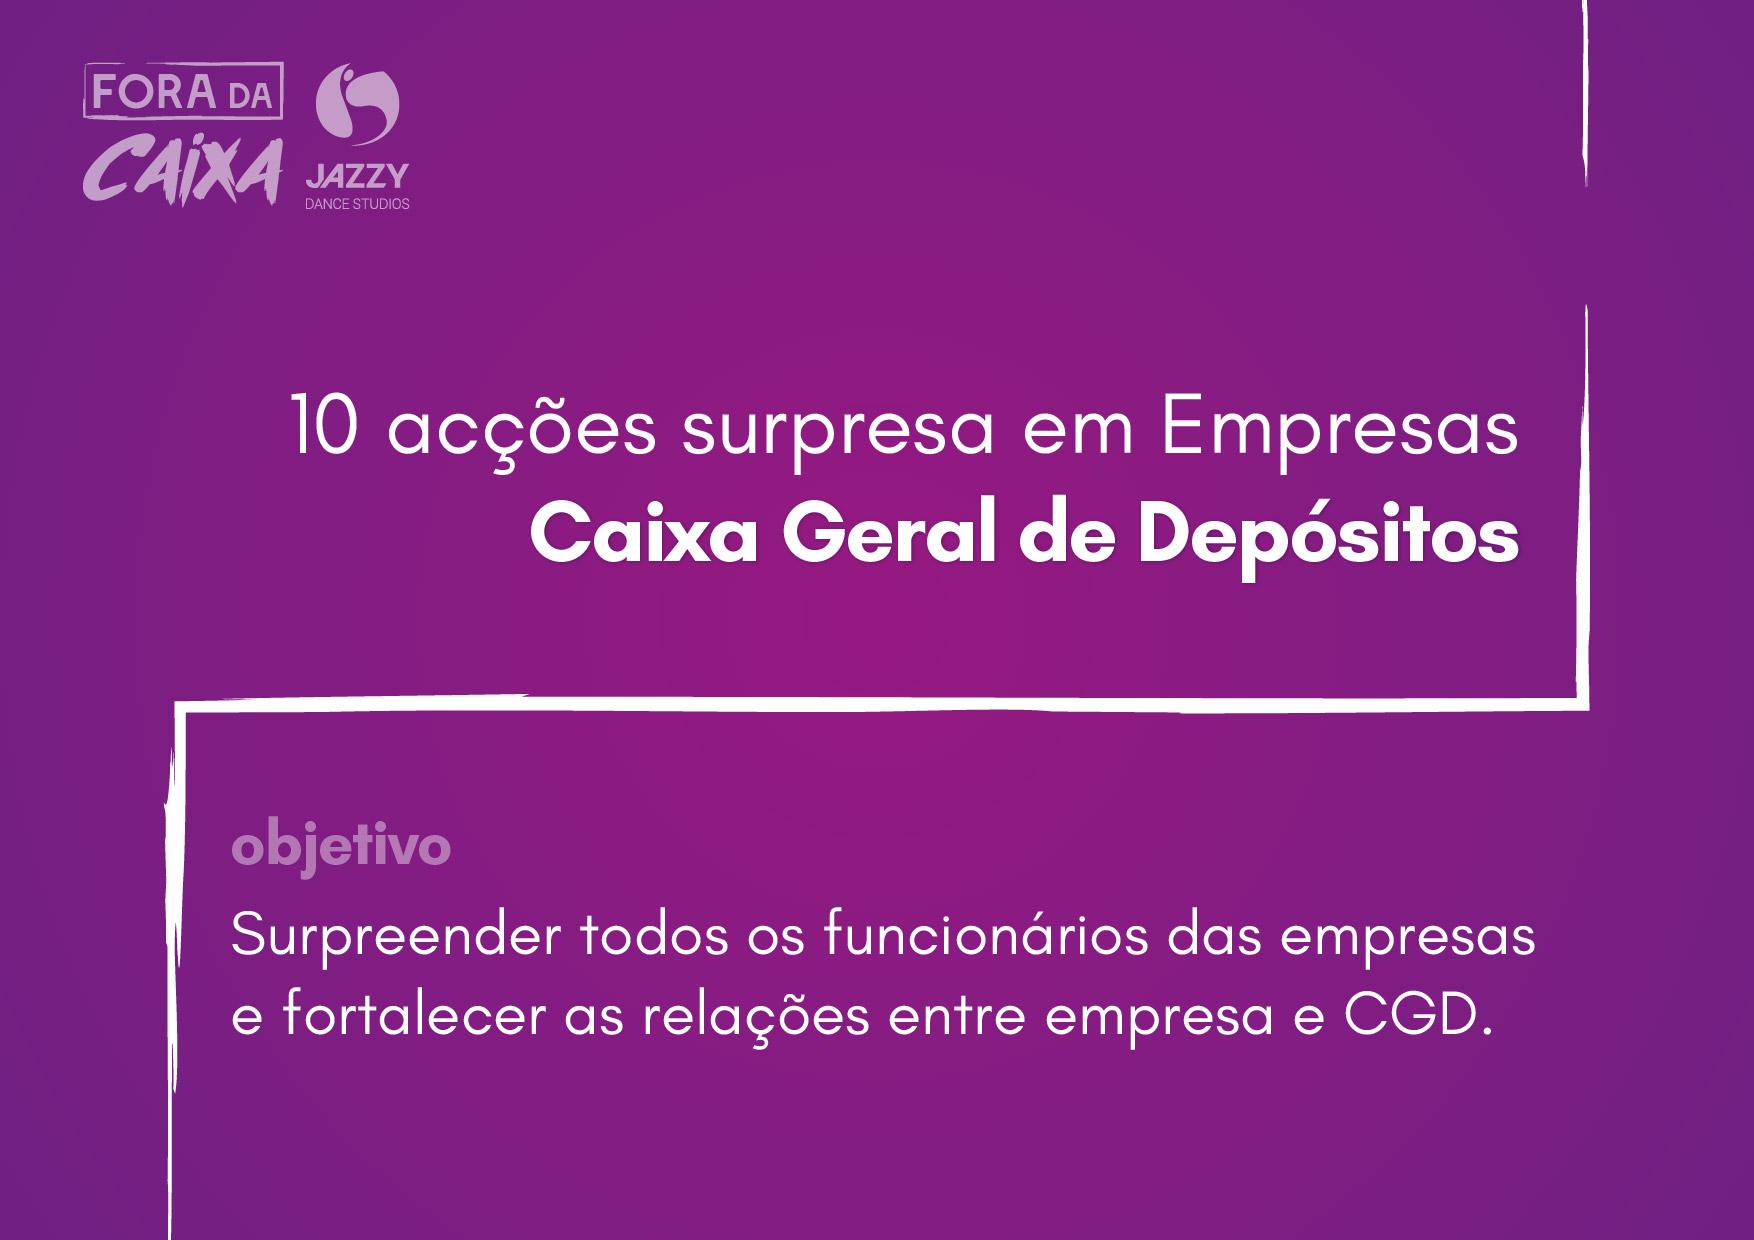 AP_Fora da Caixa_v1_10 ações.jpg